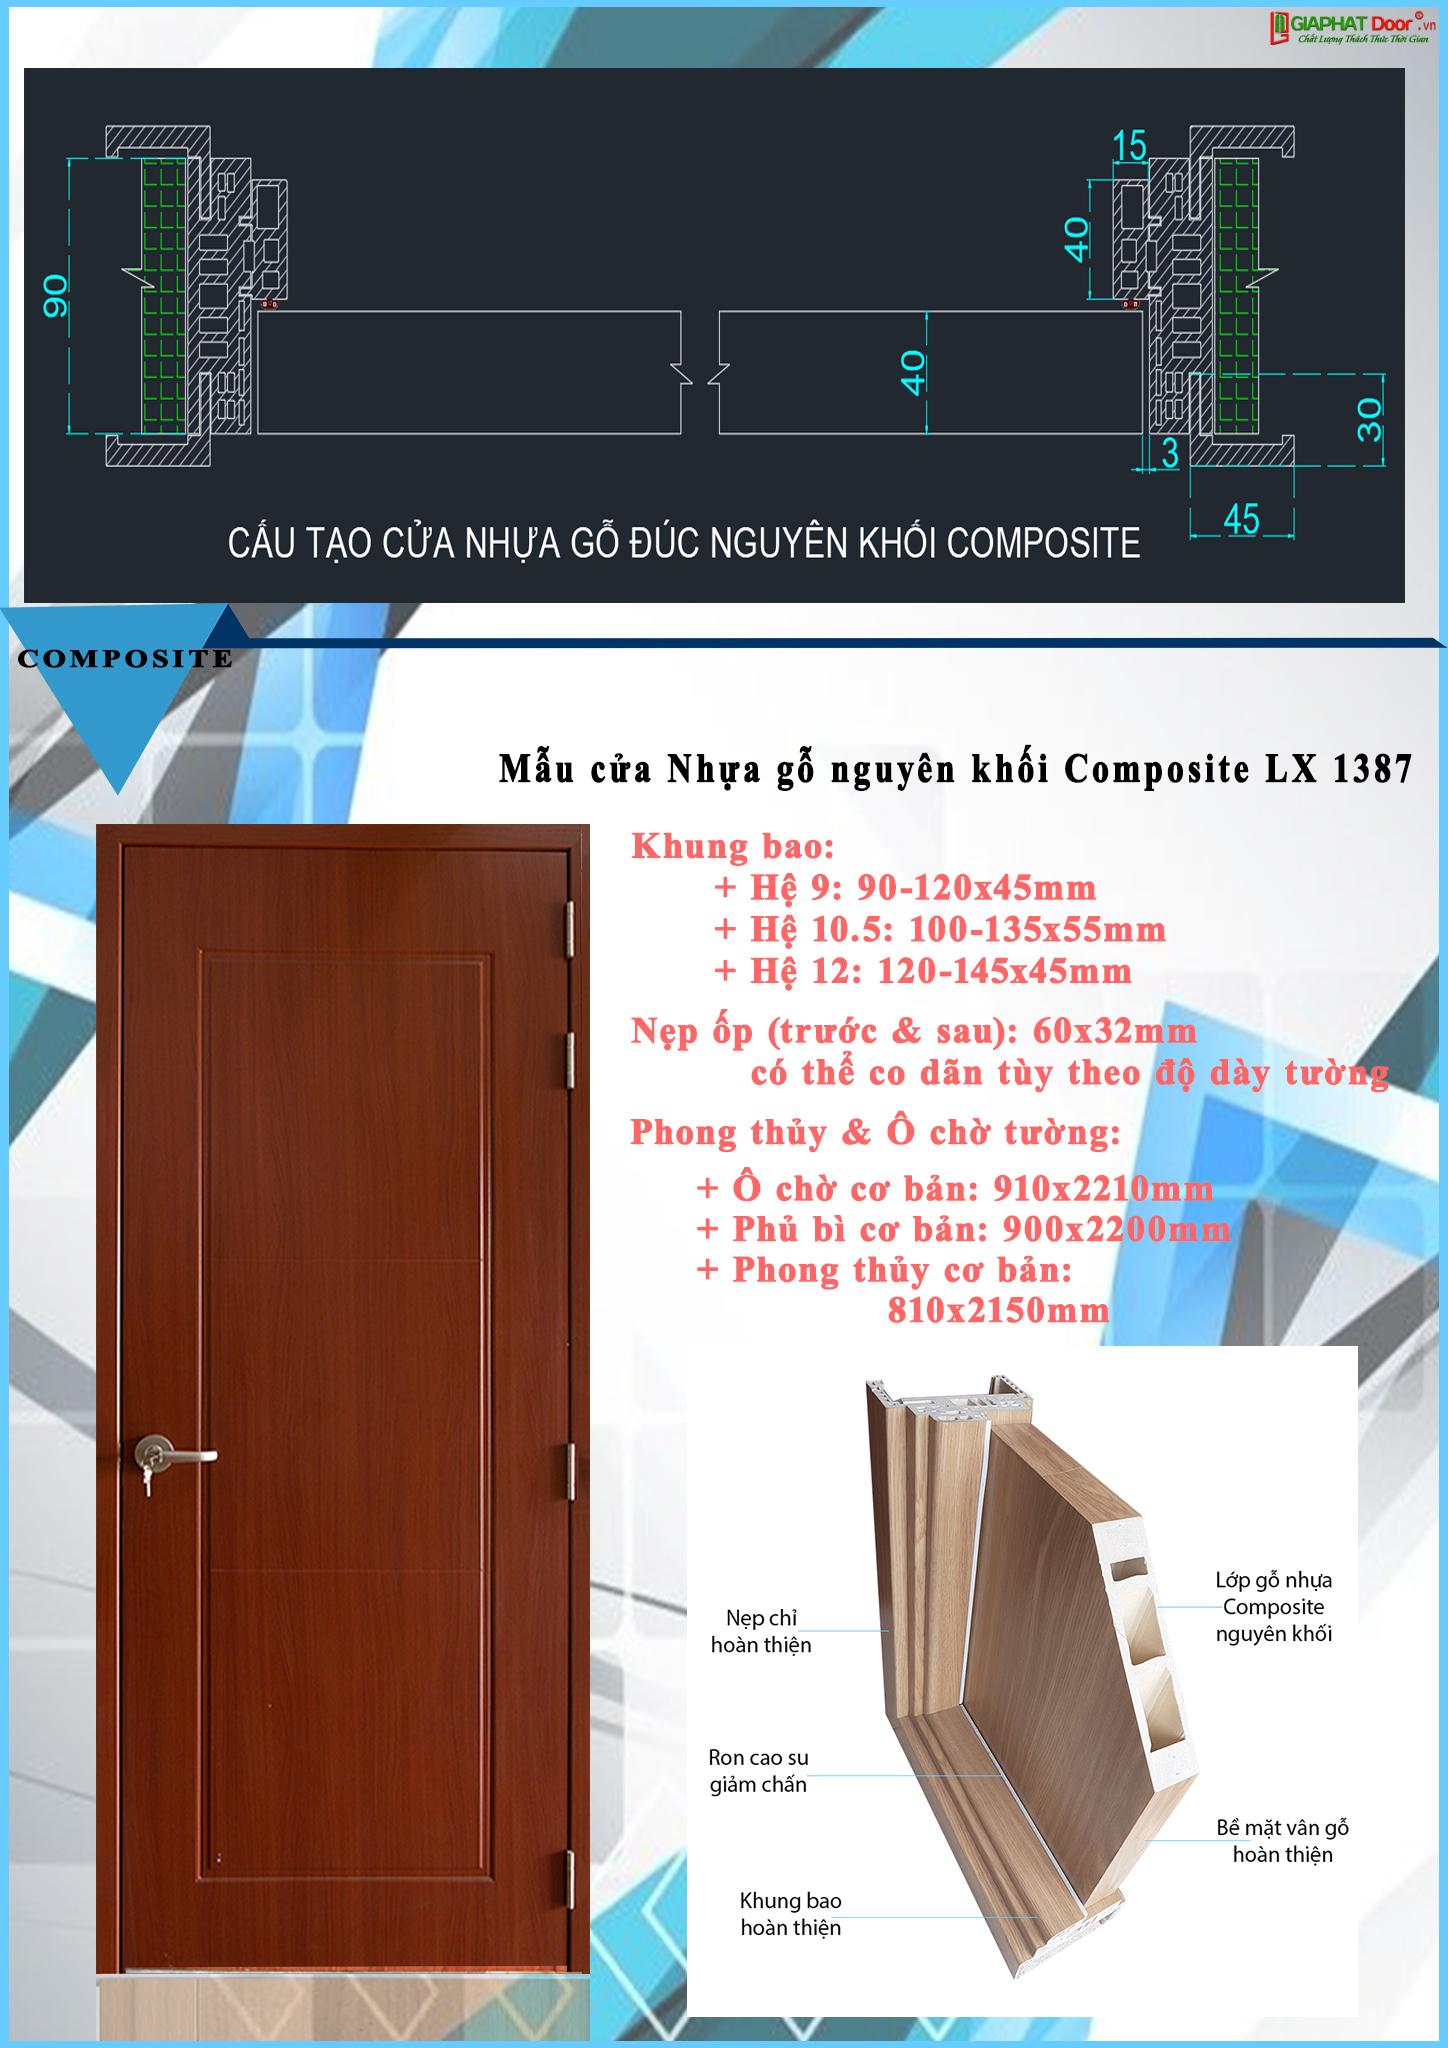 Chi tiết hình ảnh cấu tạo của cửa nhựa composite